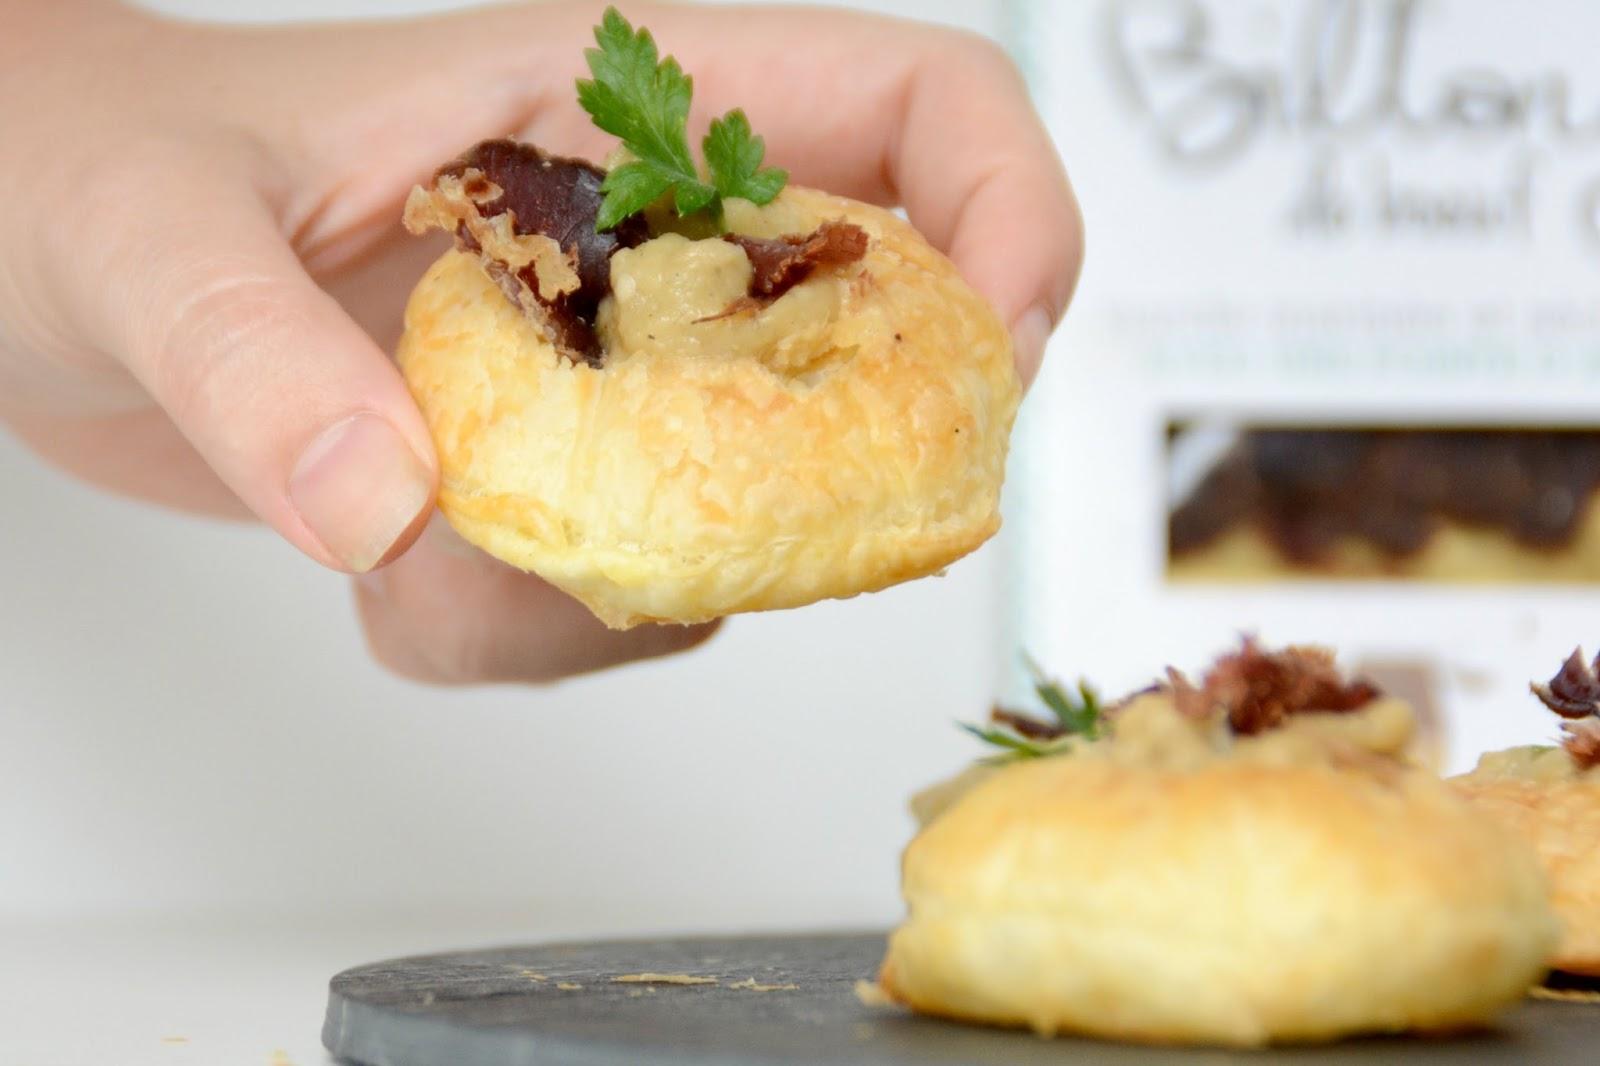 Recette amuse gueule froid amazing gaufres au jambon en amusebouche with recette amuse gueule - Amuse bouche nouvel an ...